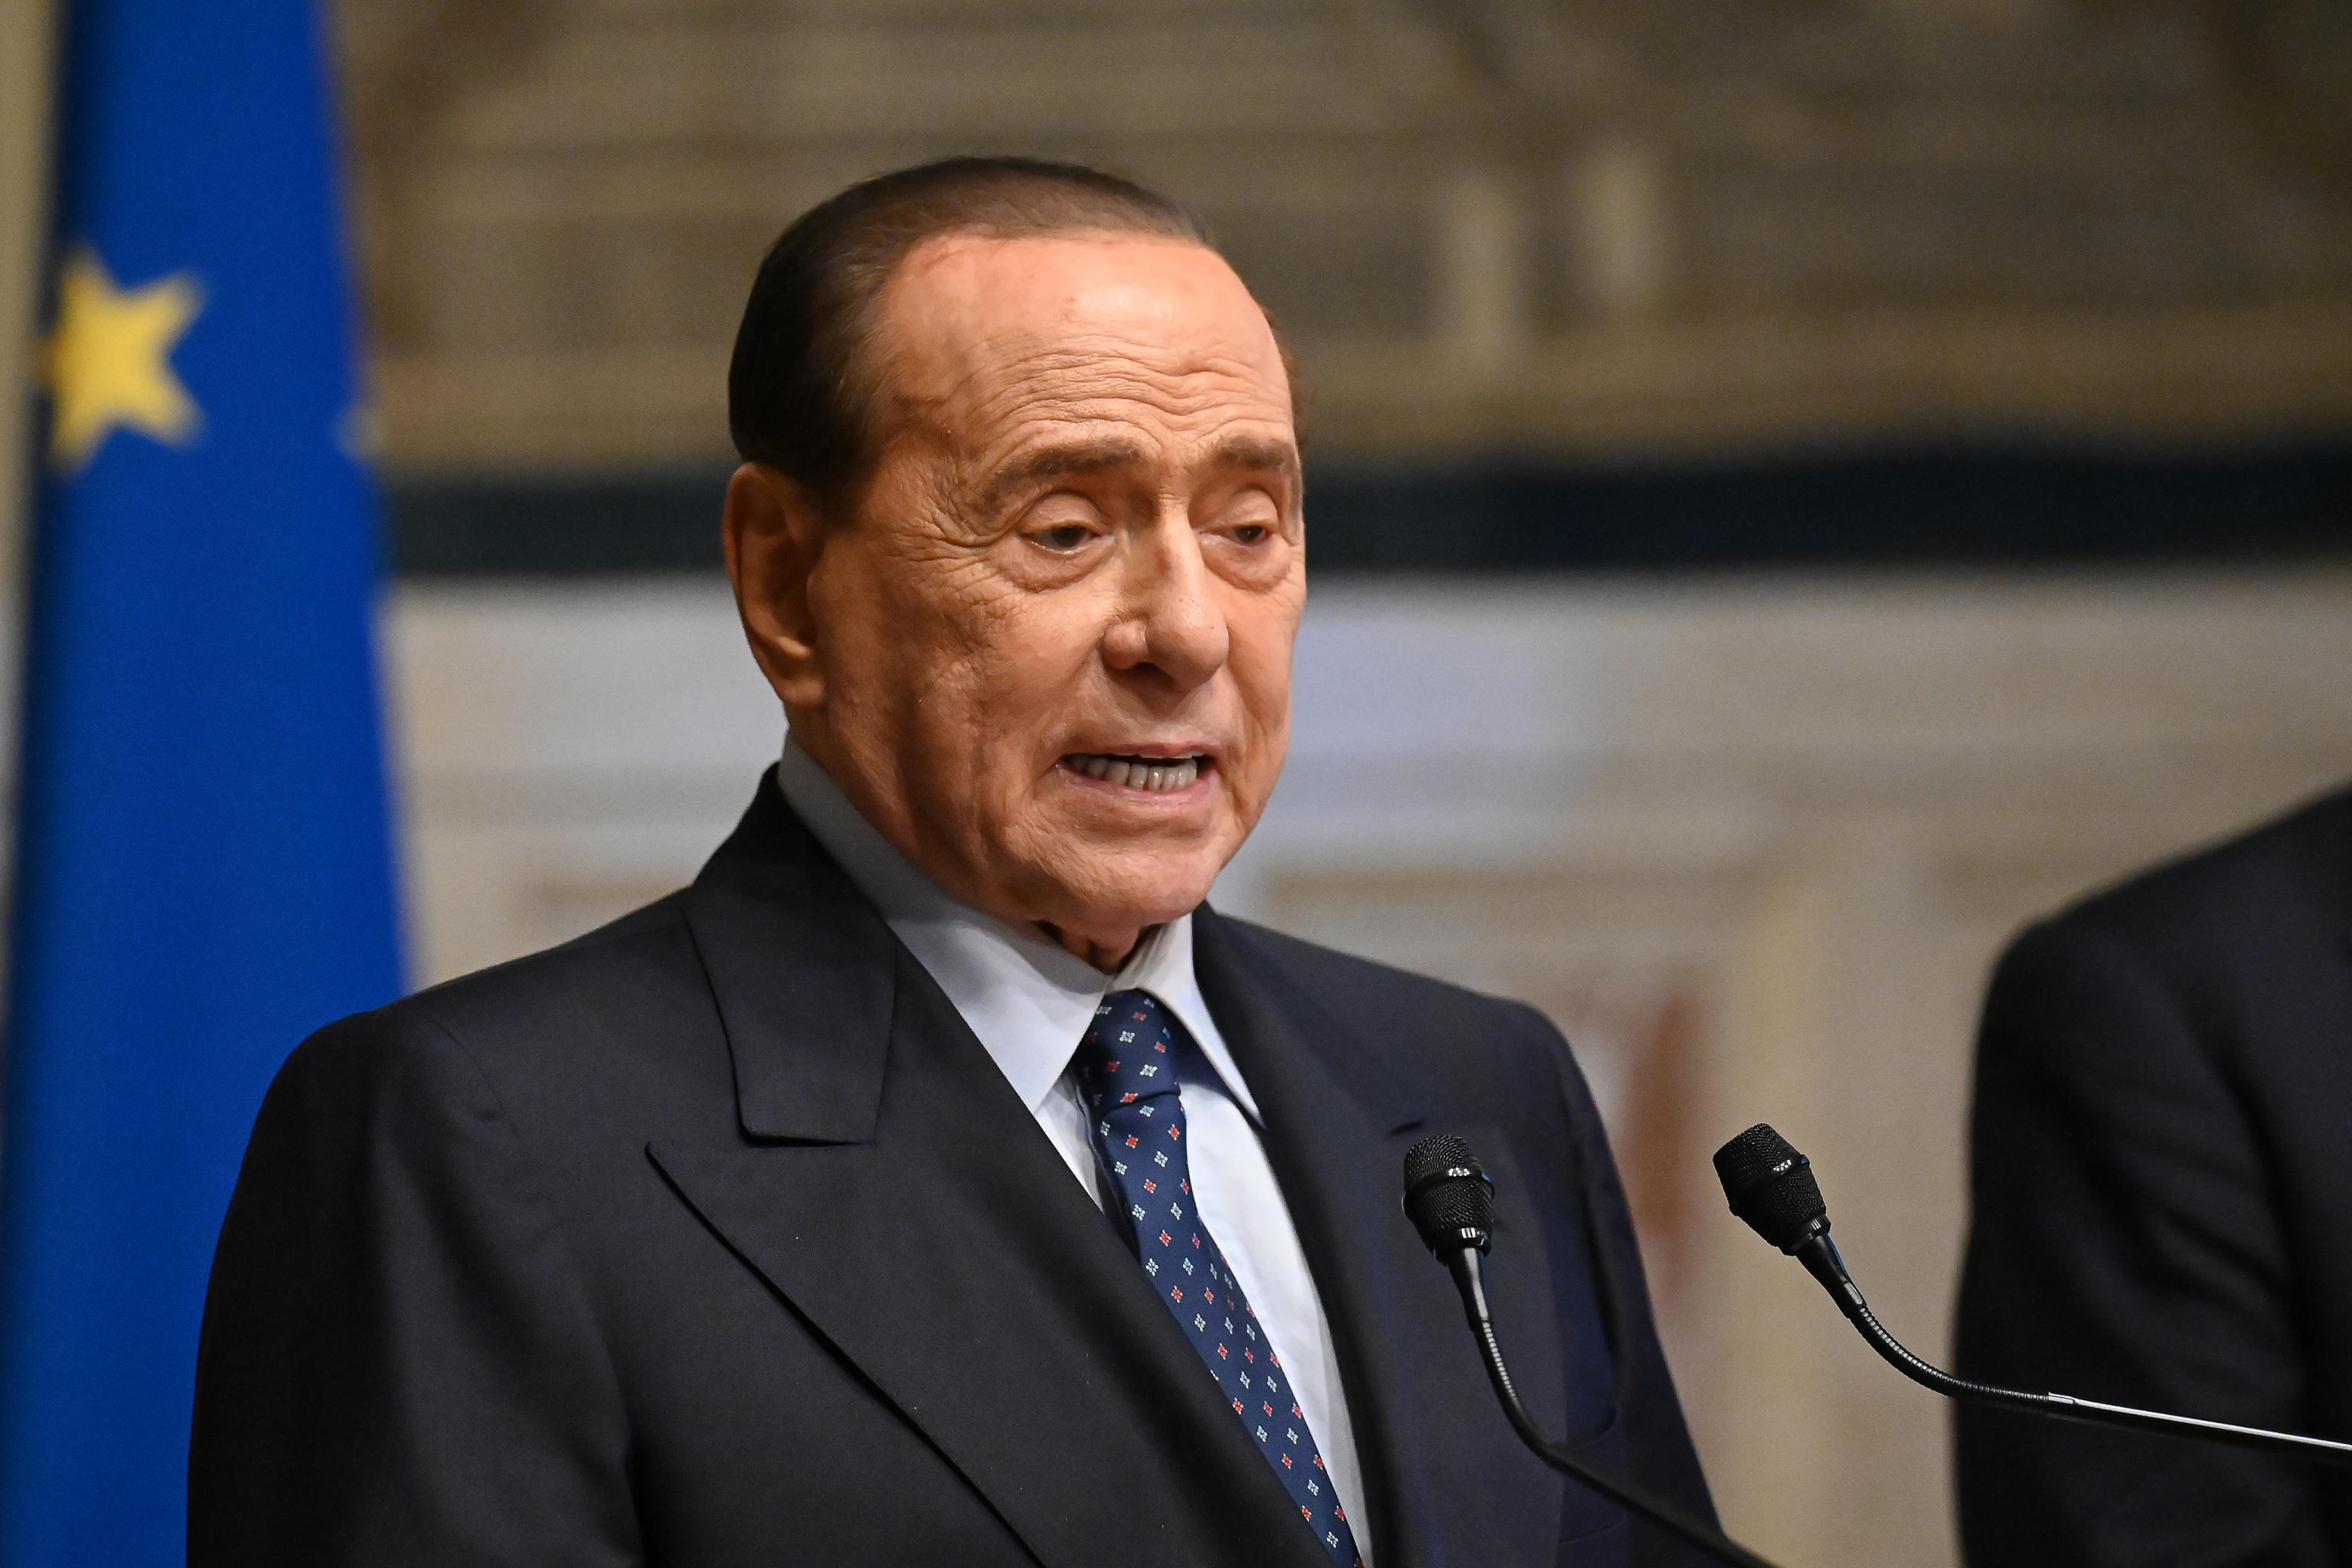 La lettera di Berlusconi che tira le orecchie ai No vax del centrodestra: «Opporsi a vaccini e Green pass non è libertà»